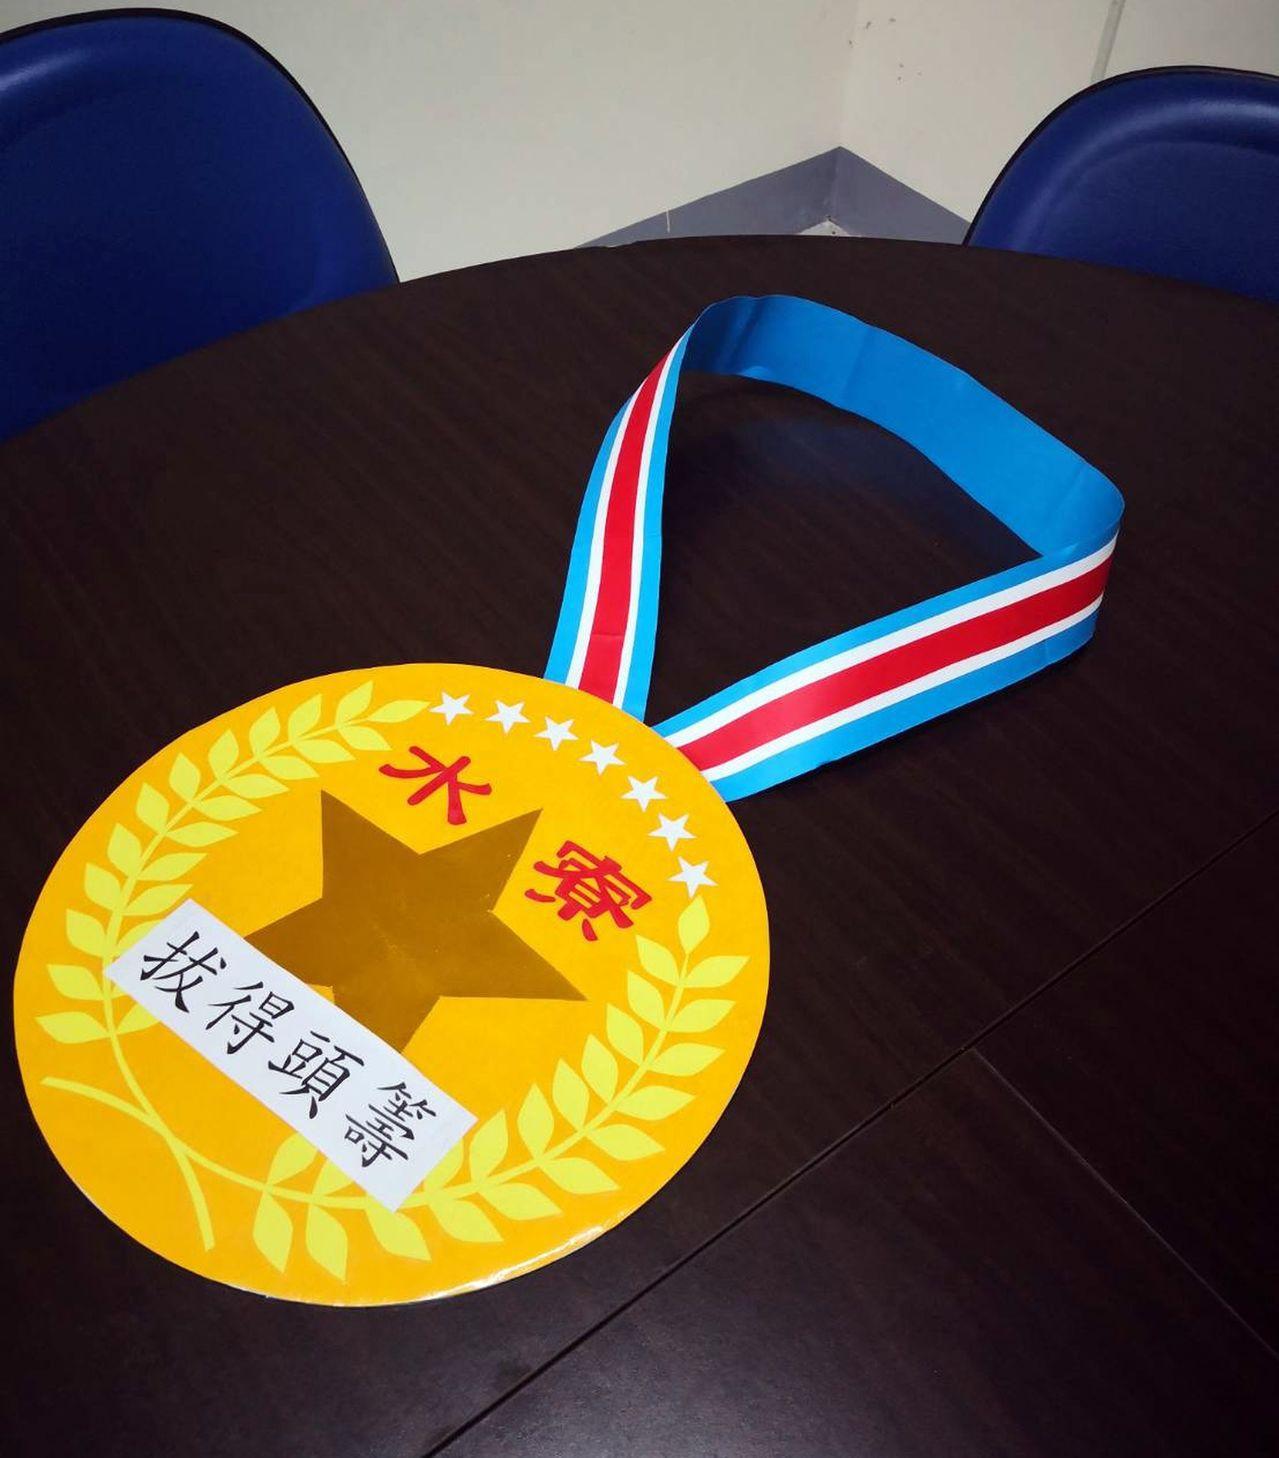 水寮國小獨創的超級大獎牌,直徑35公分,帶給小朋友大大的獎勵。記者王昭月/攝影